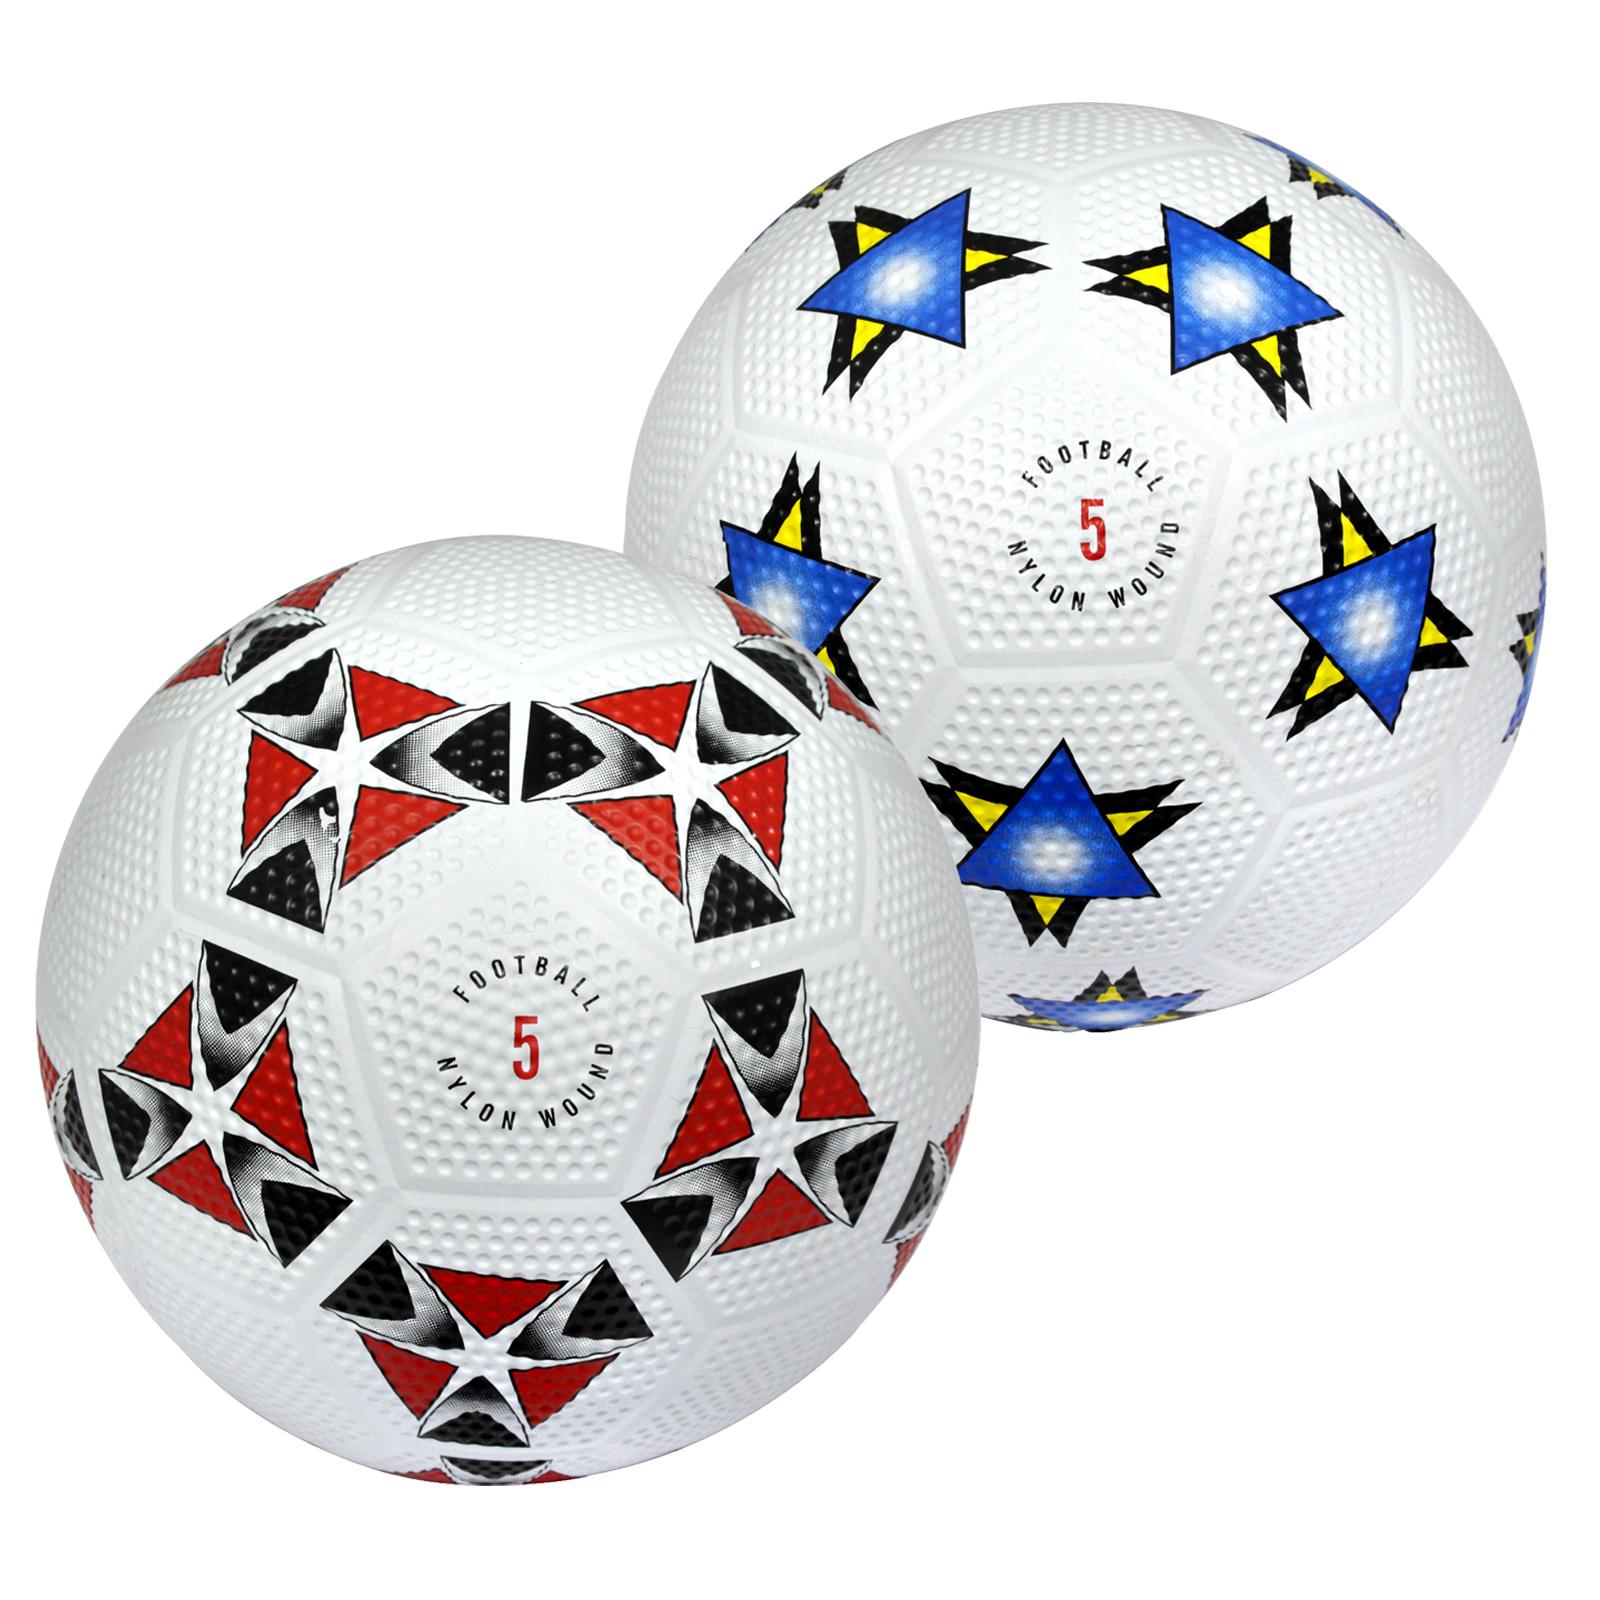 FOOTBALL - NYLON WOUND SIZE 5